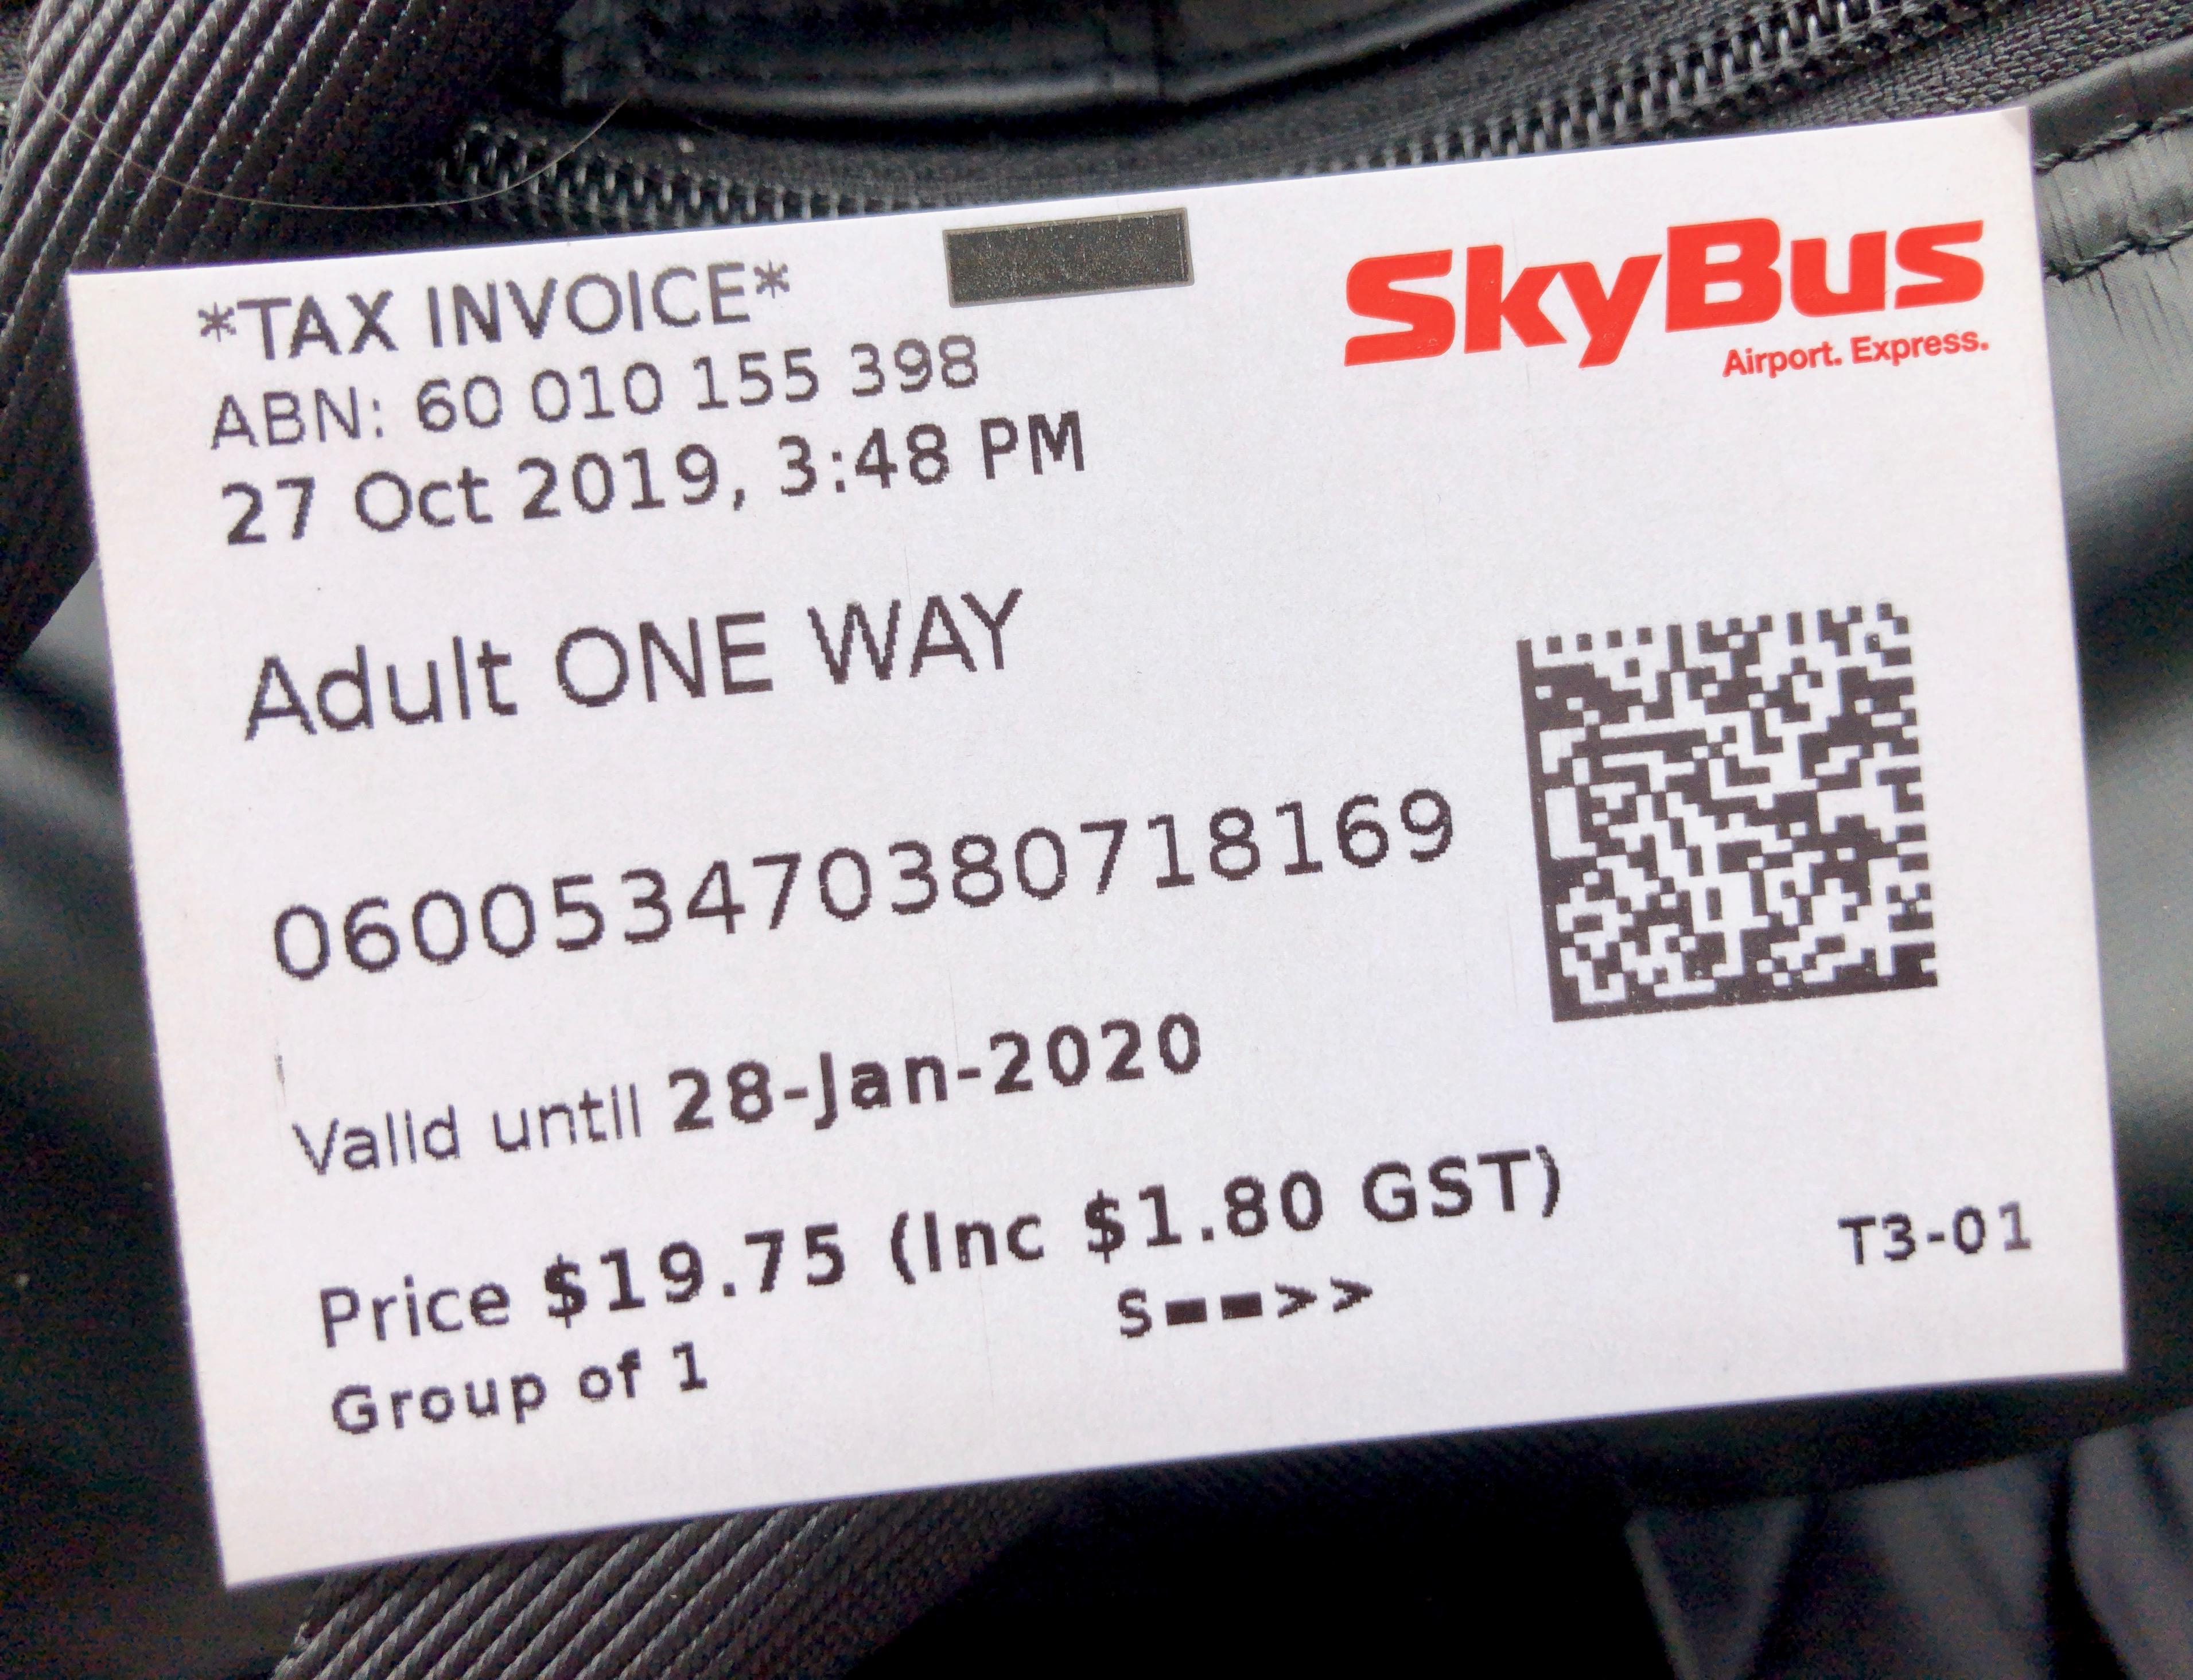 メルボルン,skybus,空港,中心,オーストラリア,一人旅,女性